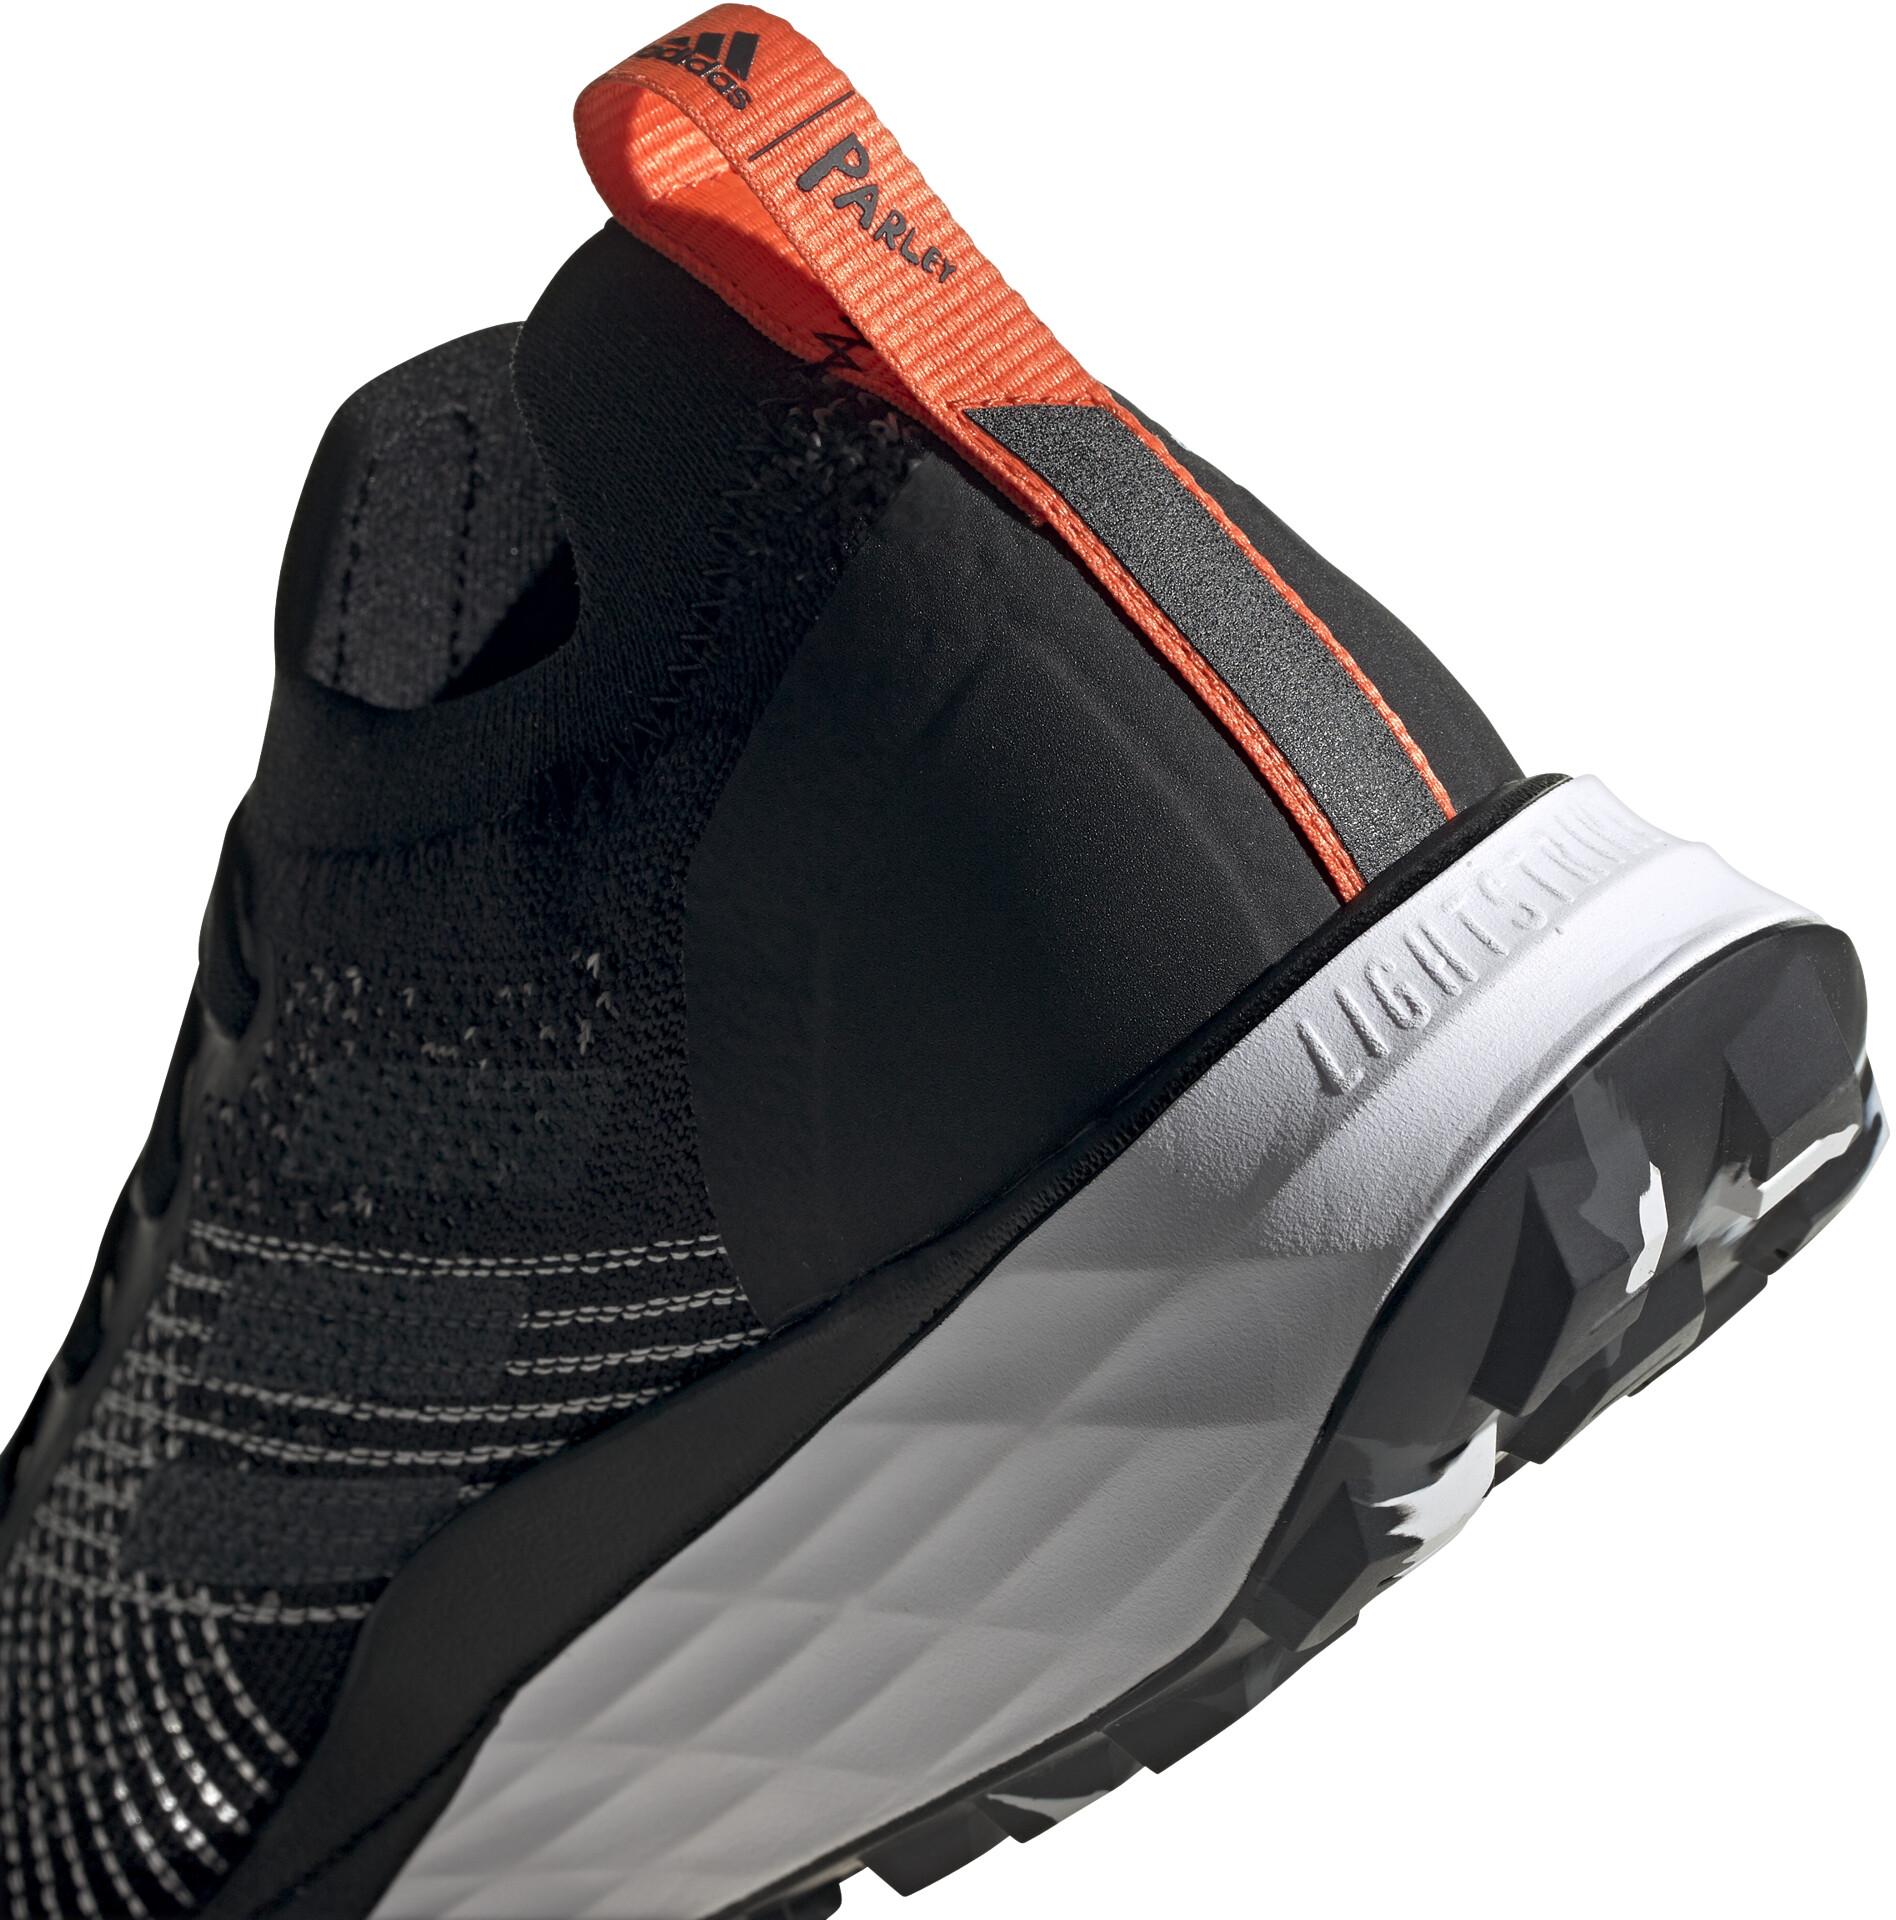 adidas TERREX Two Parley Scarpe Da Corsa Uomo, core black/grey three/true orange su Addnature eJ1Q5